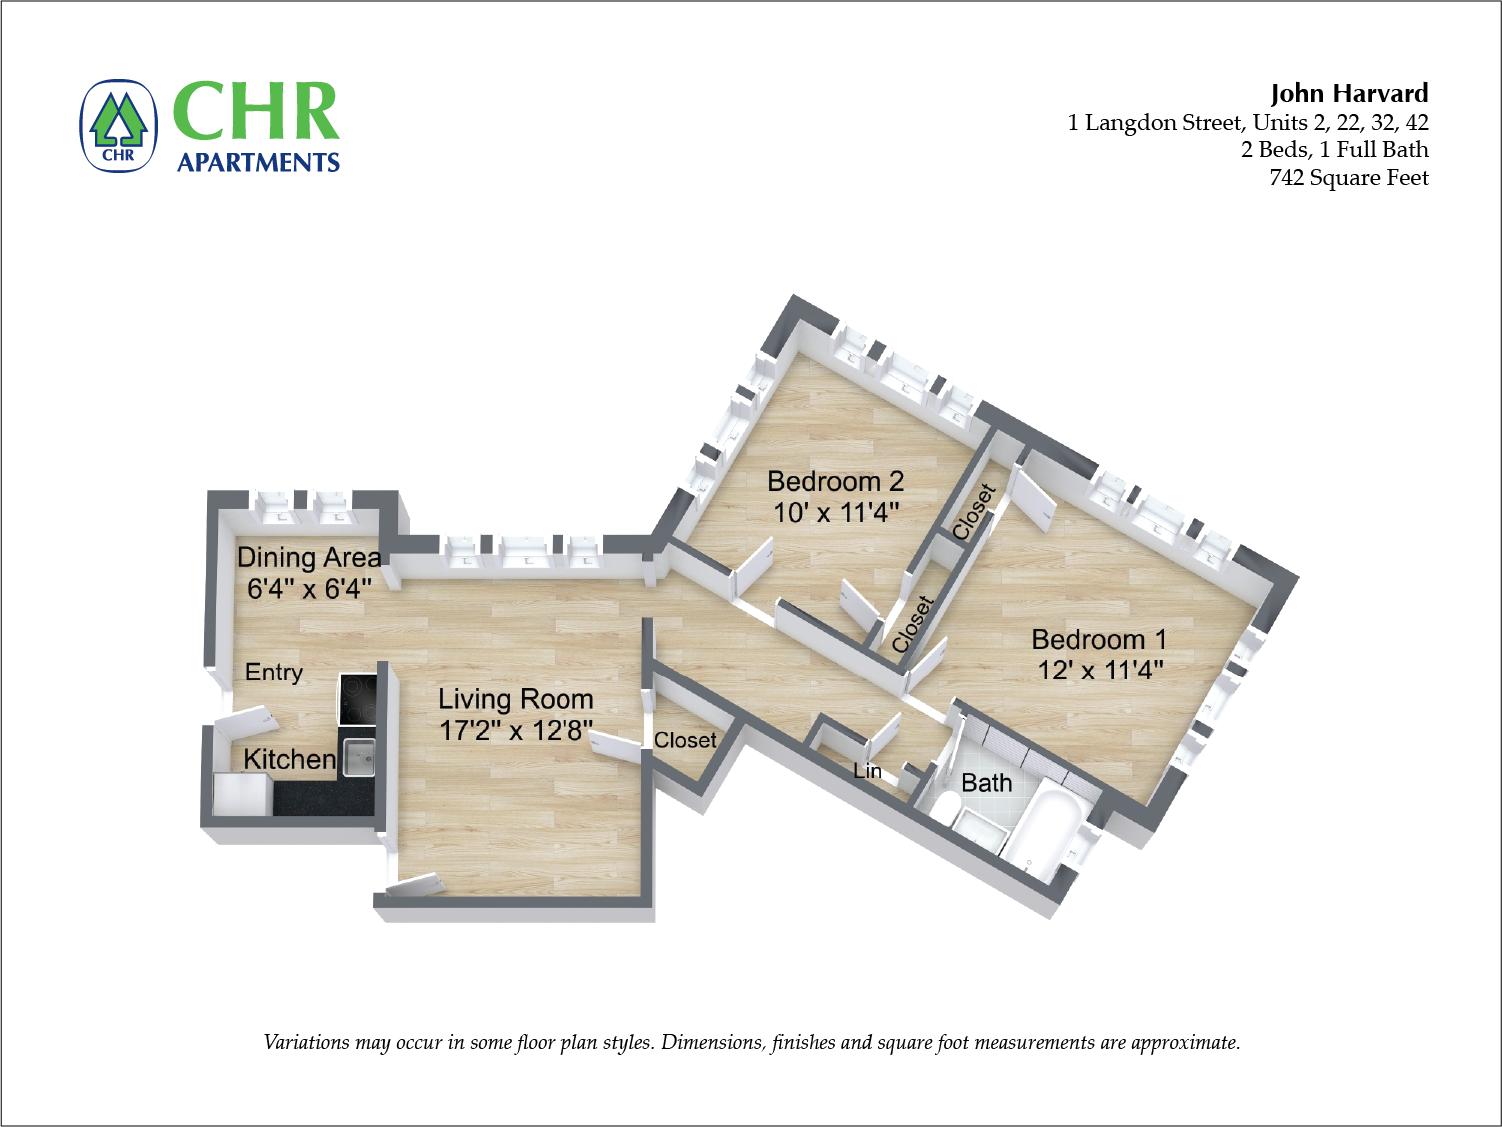 Floor plan John Harvard - 2 Bedroom image 2